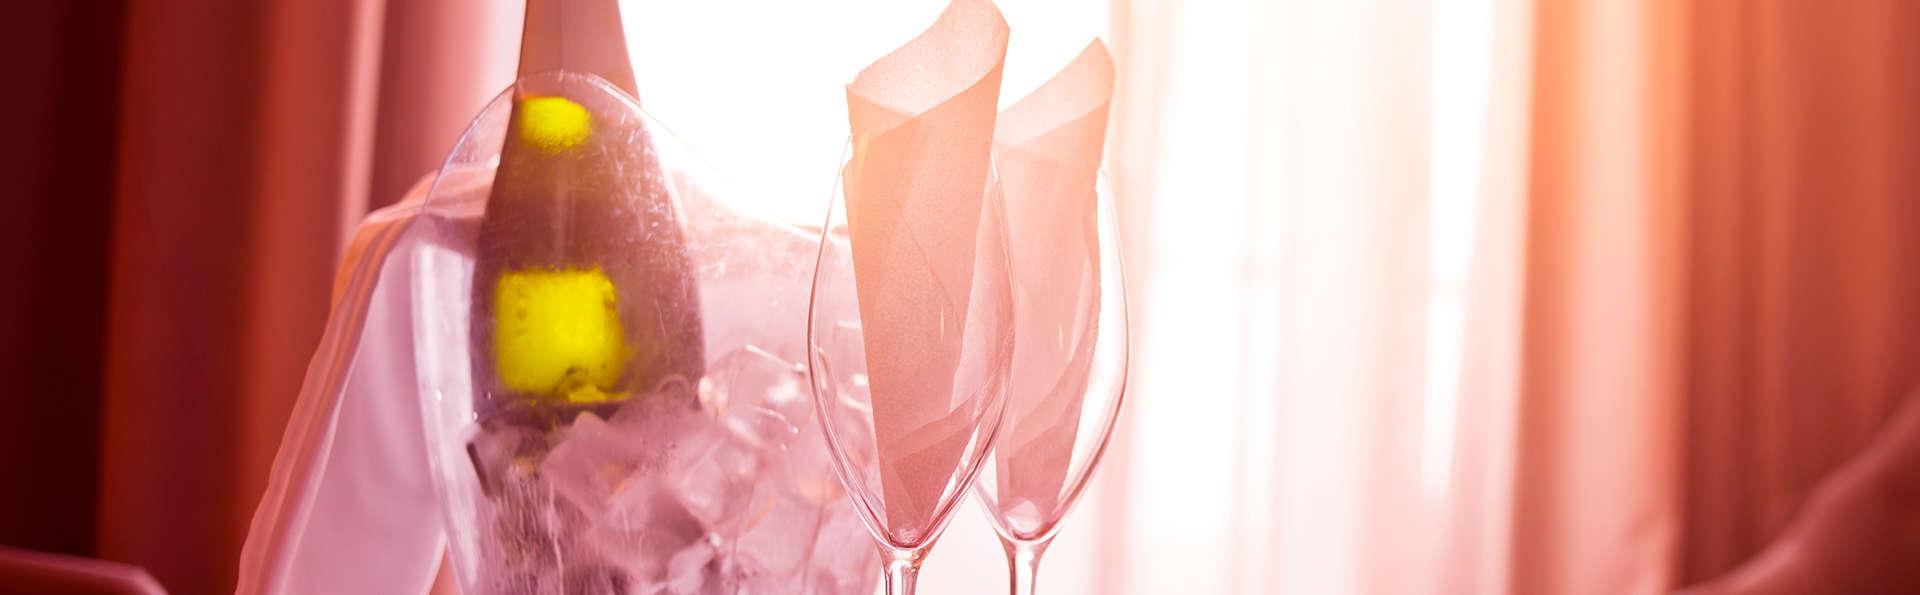 Séjour en amoureux pour la Saint Valentin dans un luxueux hôtel avec dîner gastronomique